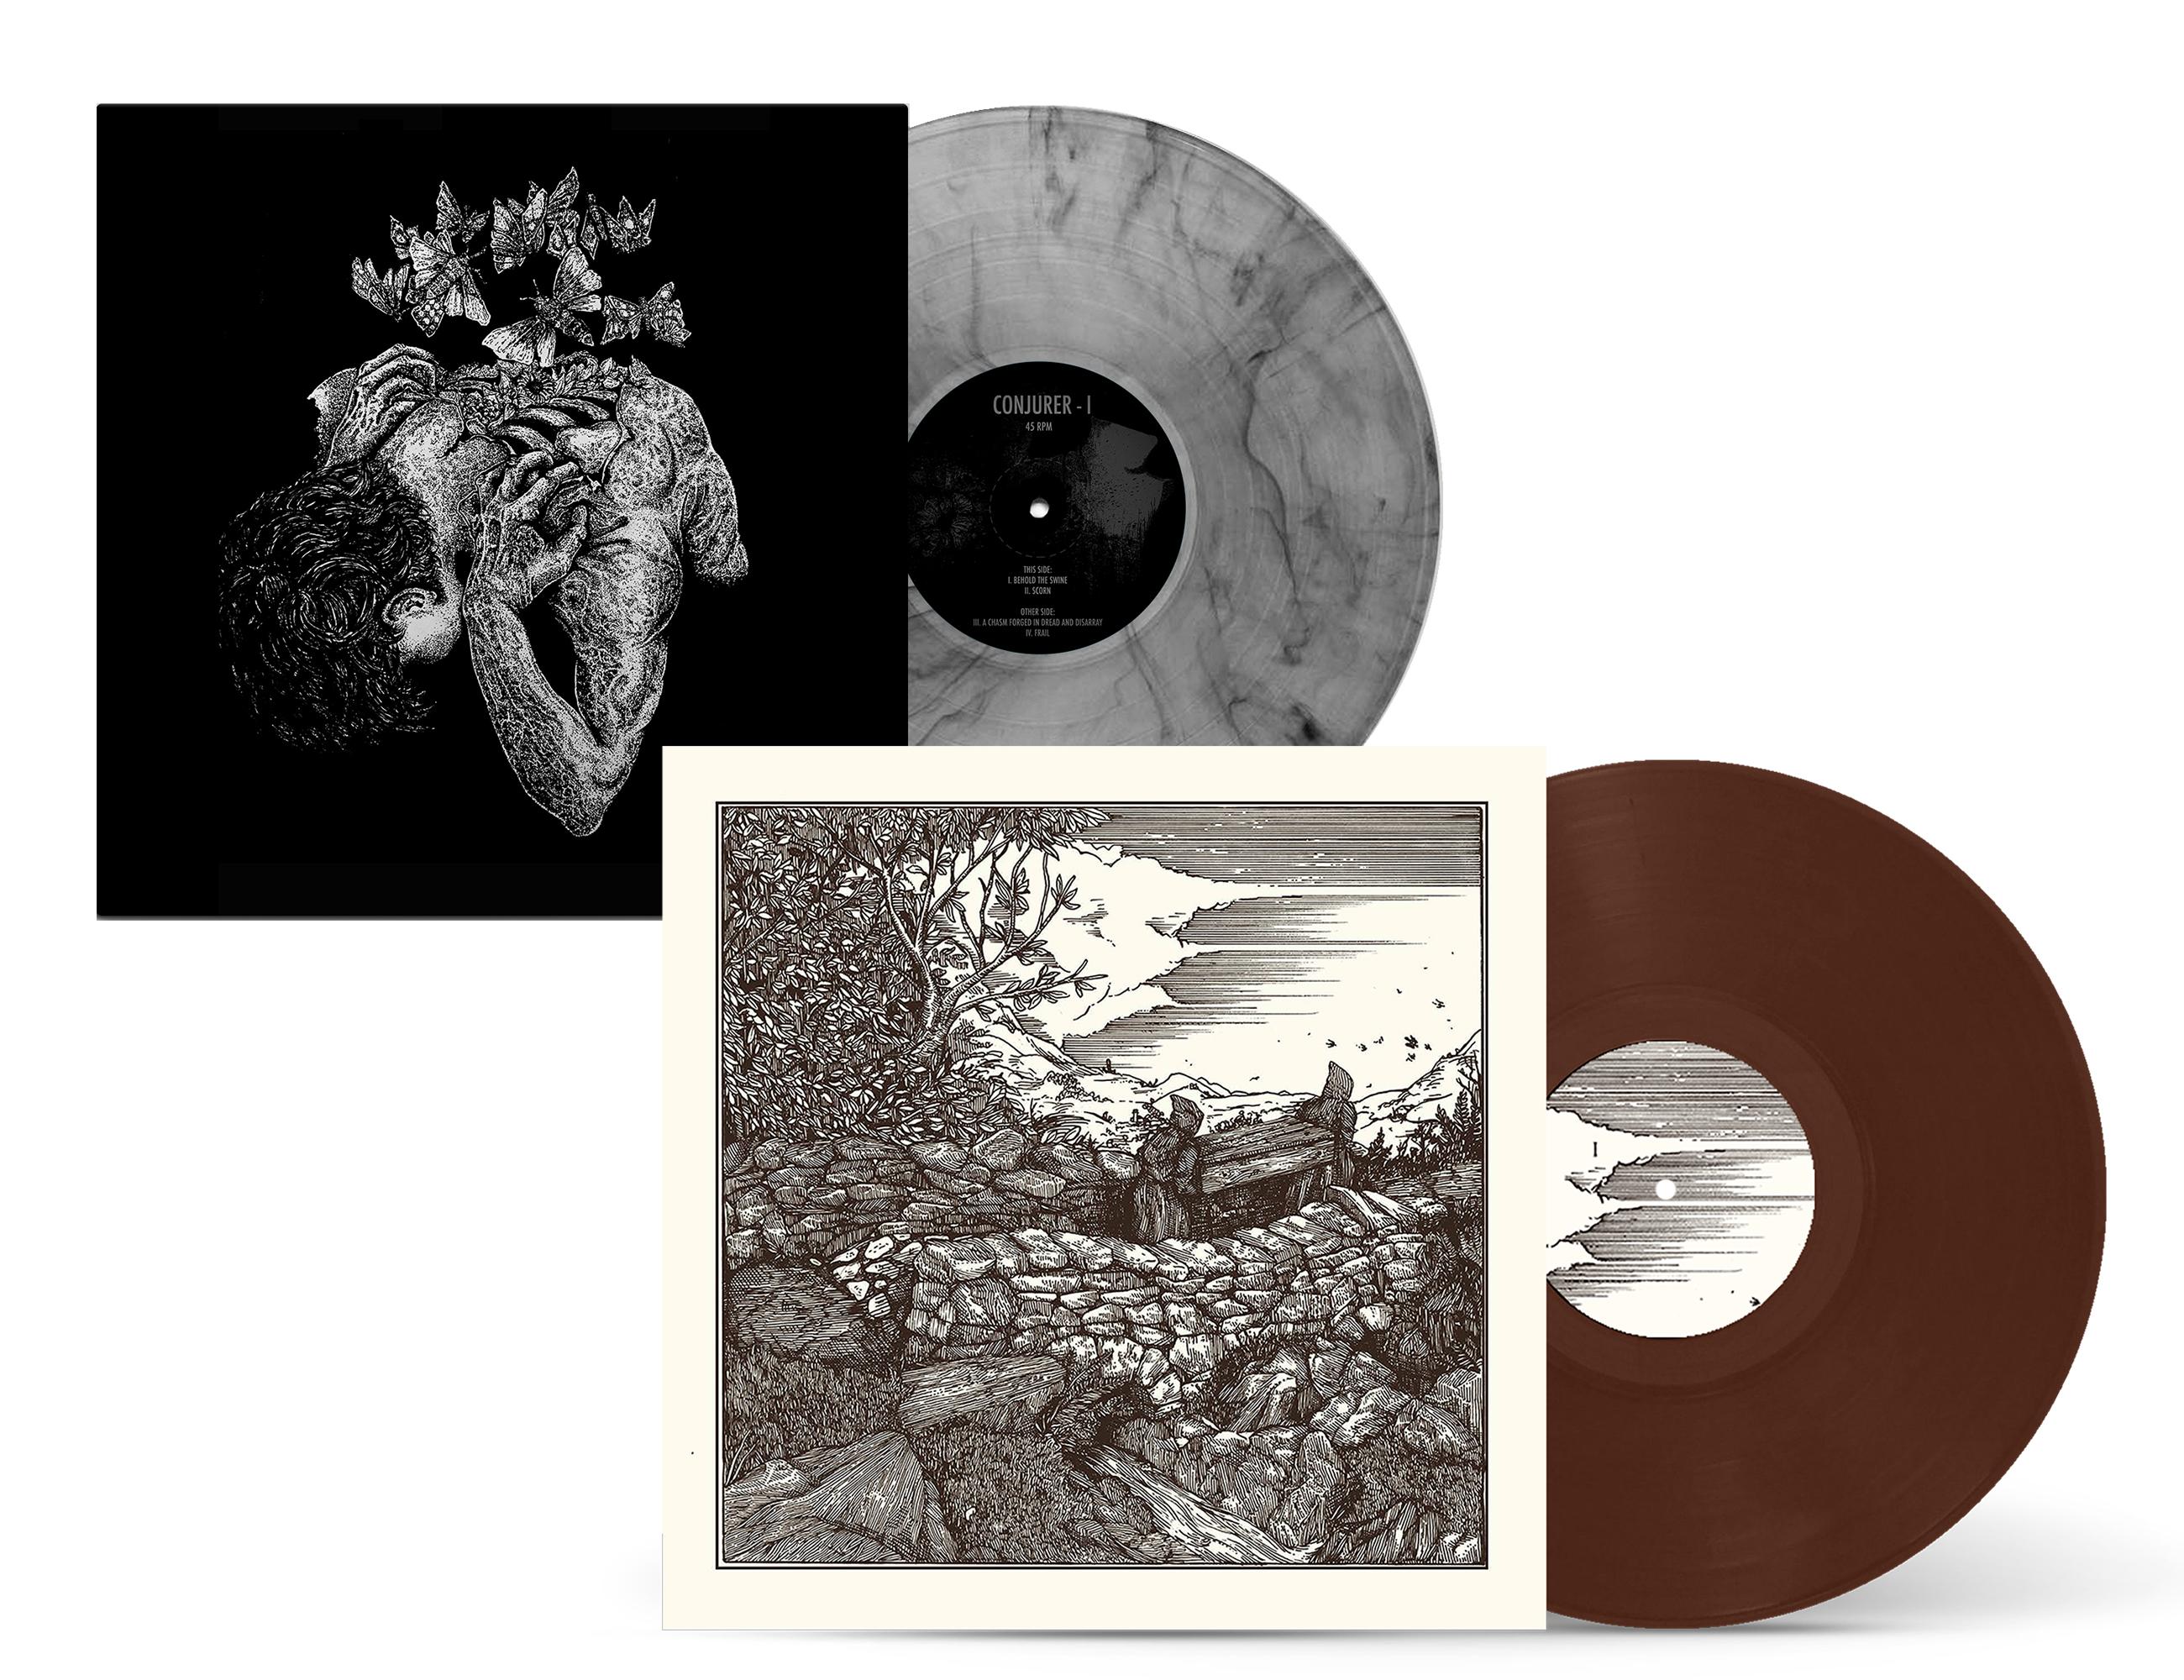 Conjurer 'Mire' LP + 'I' LP